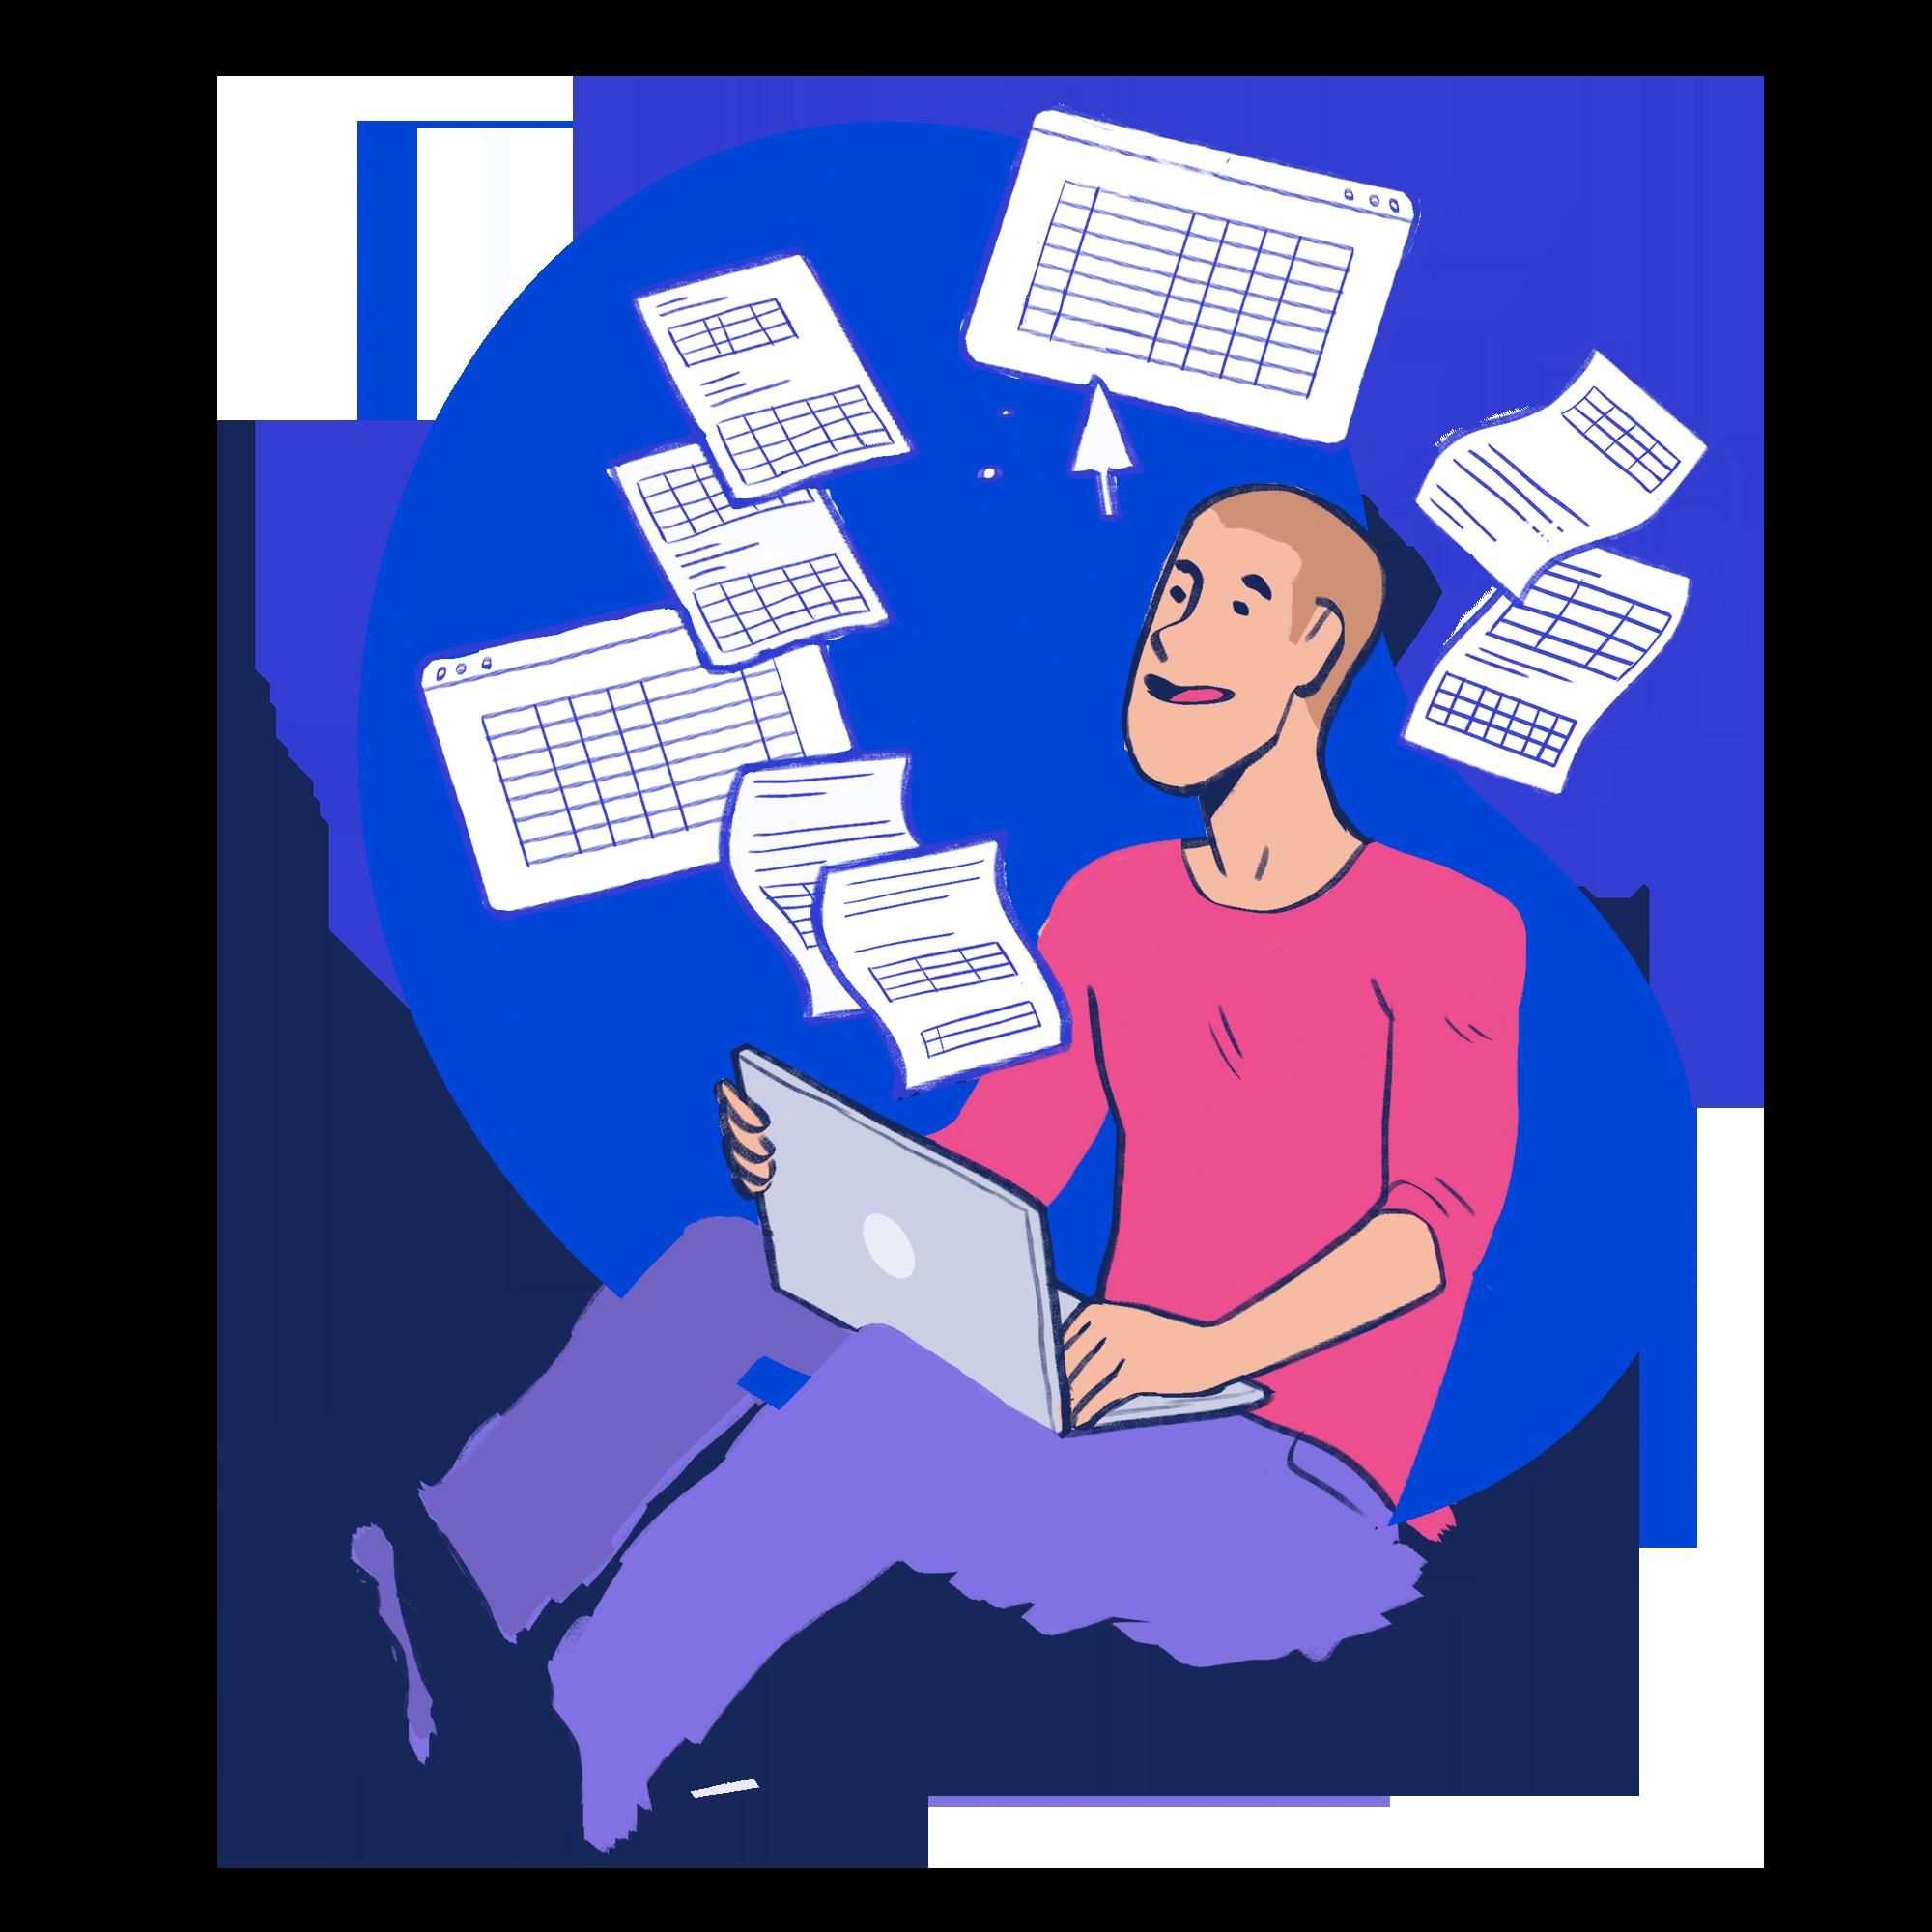 Esta imagem é uma ilustração de um rapaz com um notebook no colo e diversas planilhas.